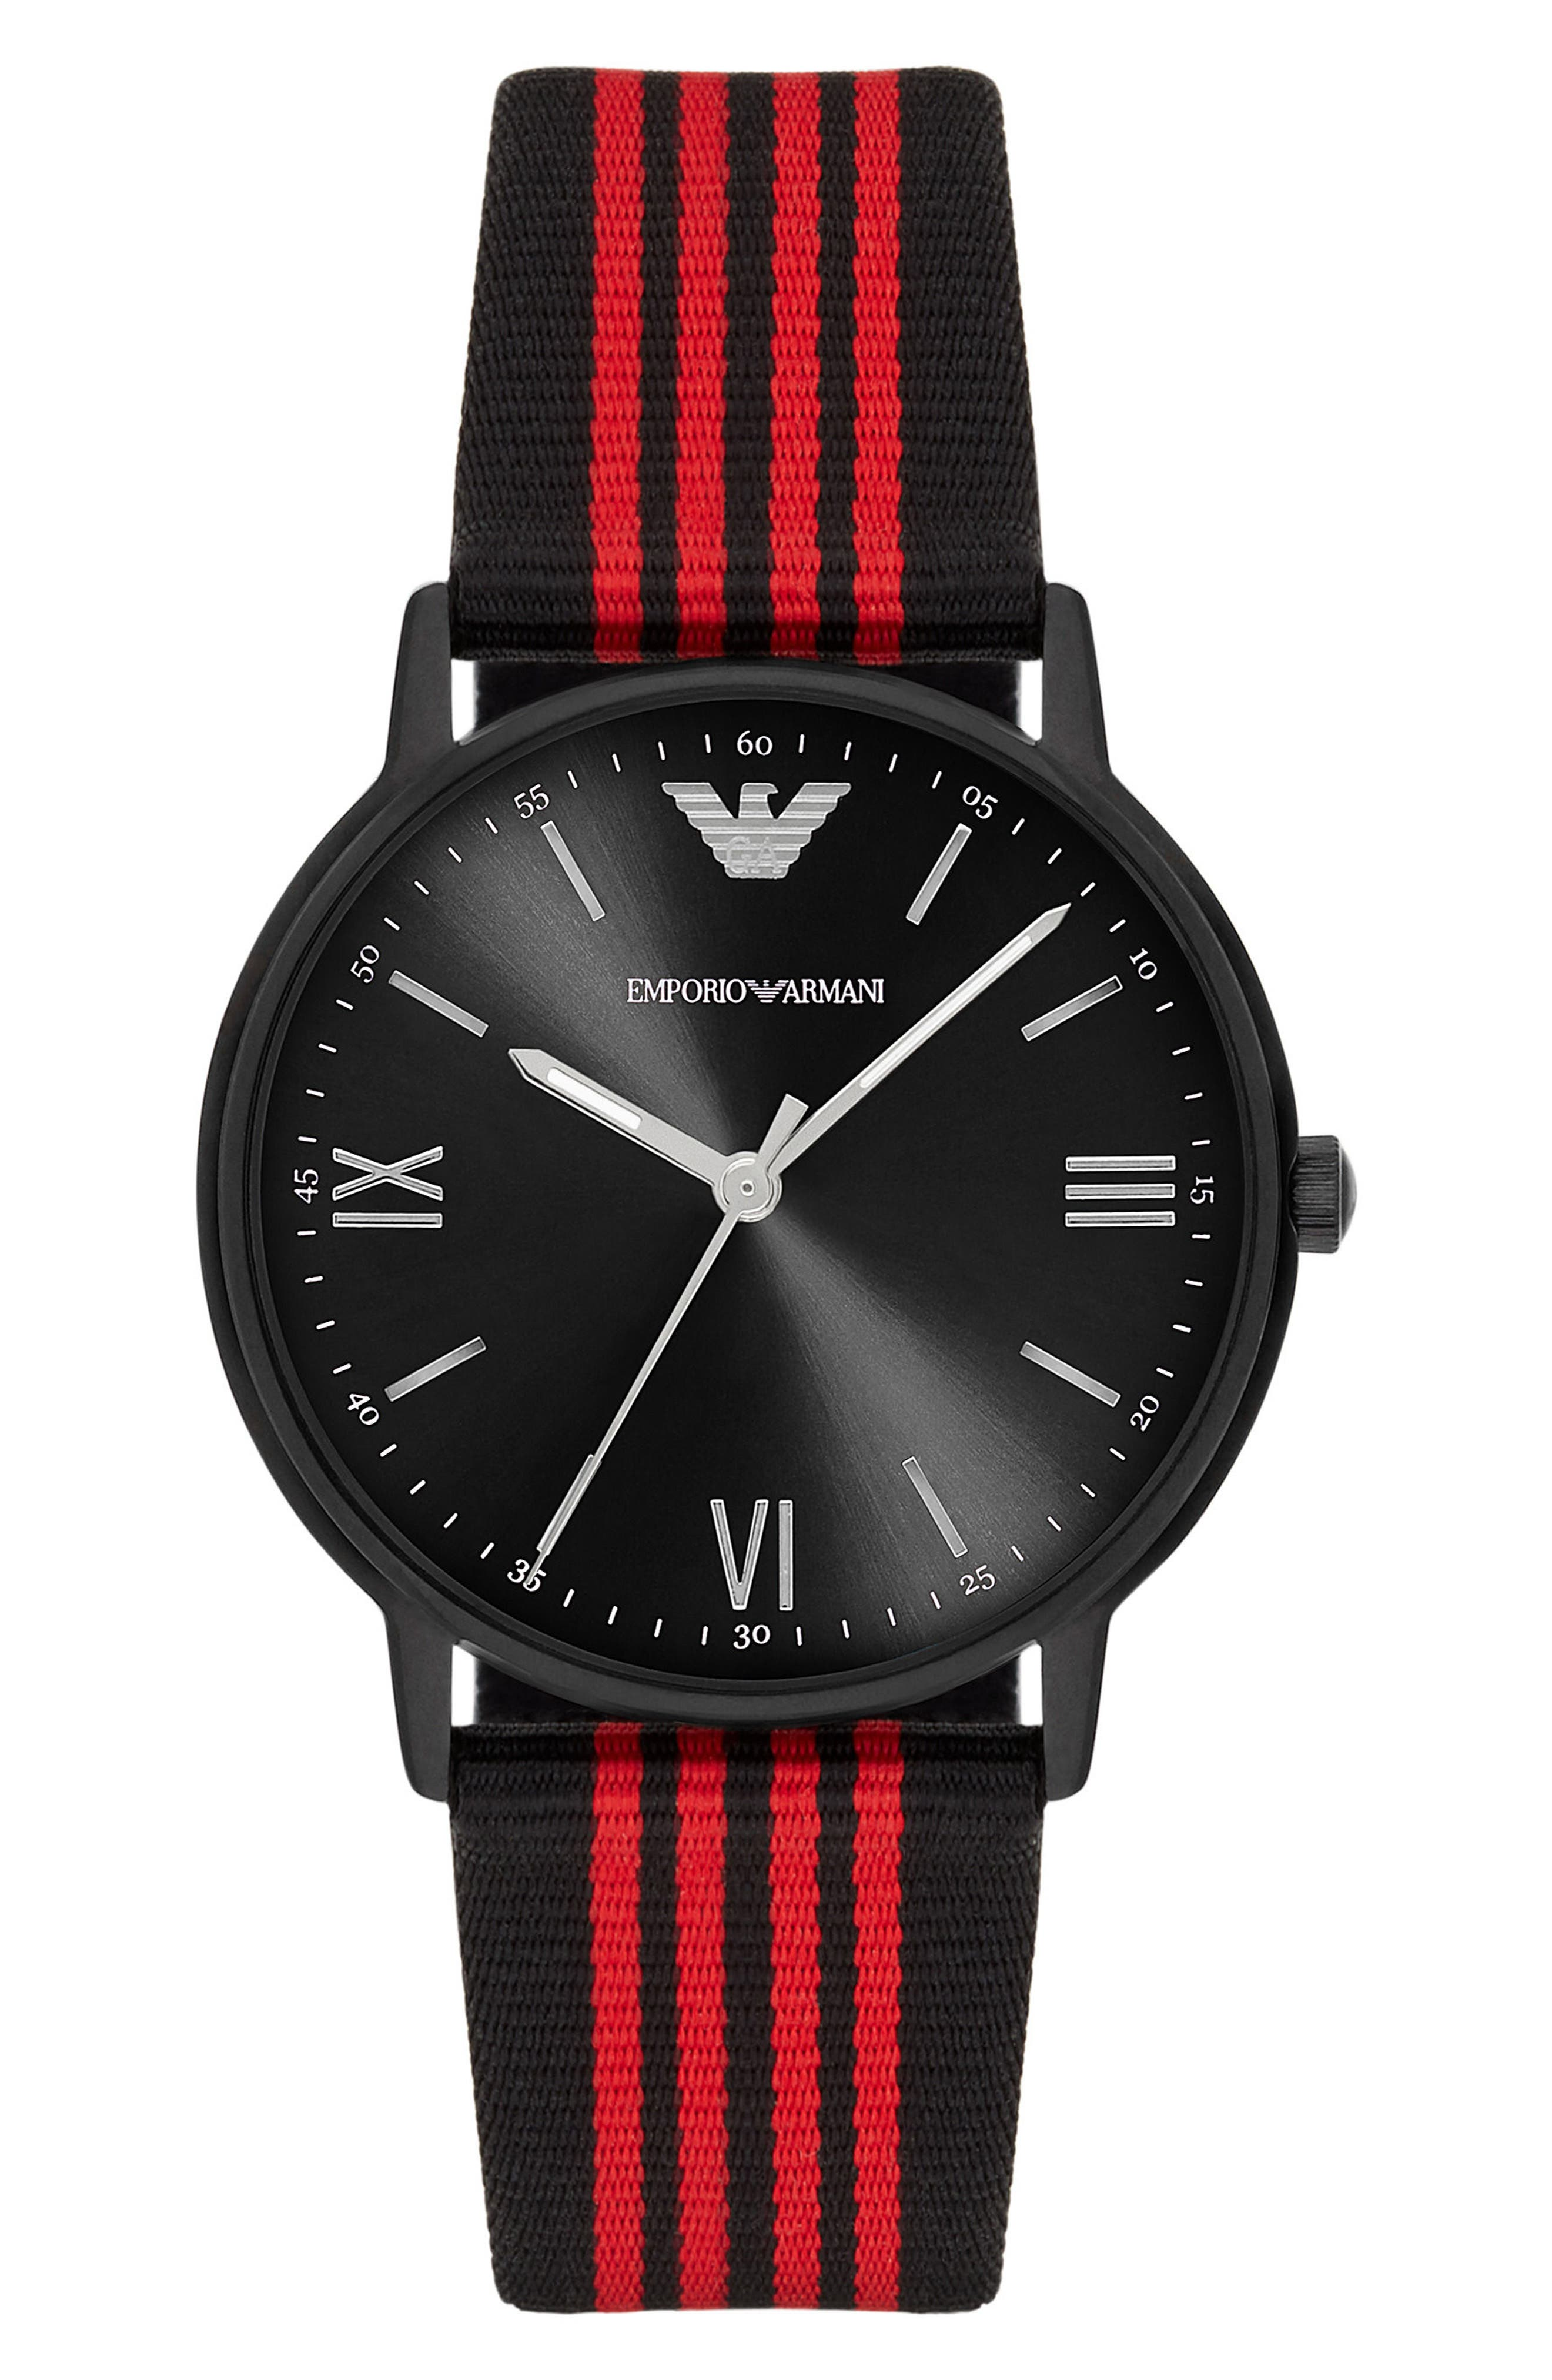 Main Image - Emporio Armani NATO Stripe Strap Watch, 43mm